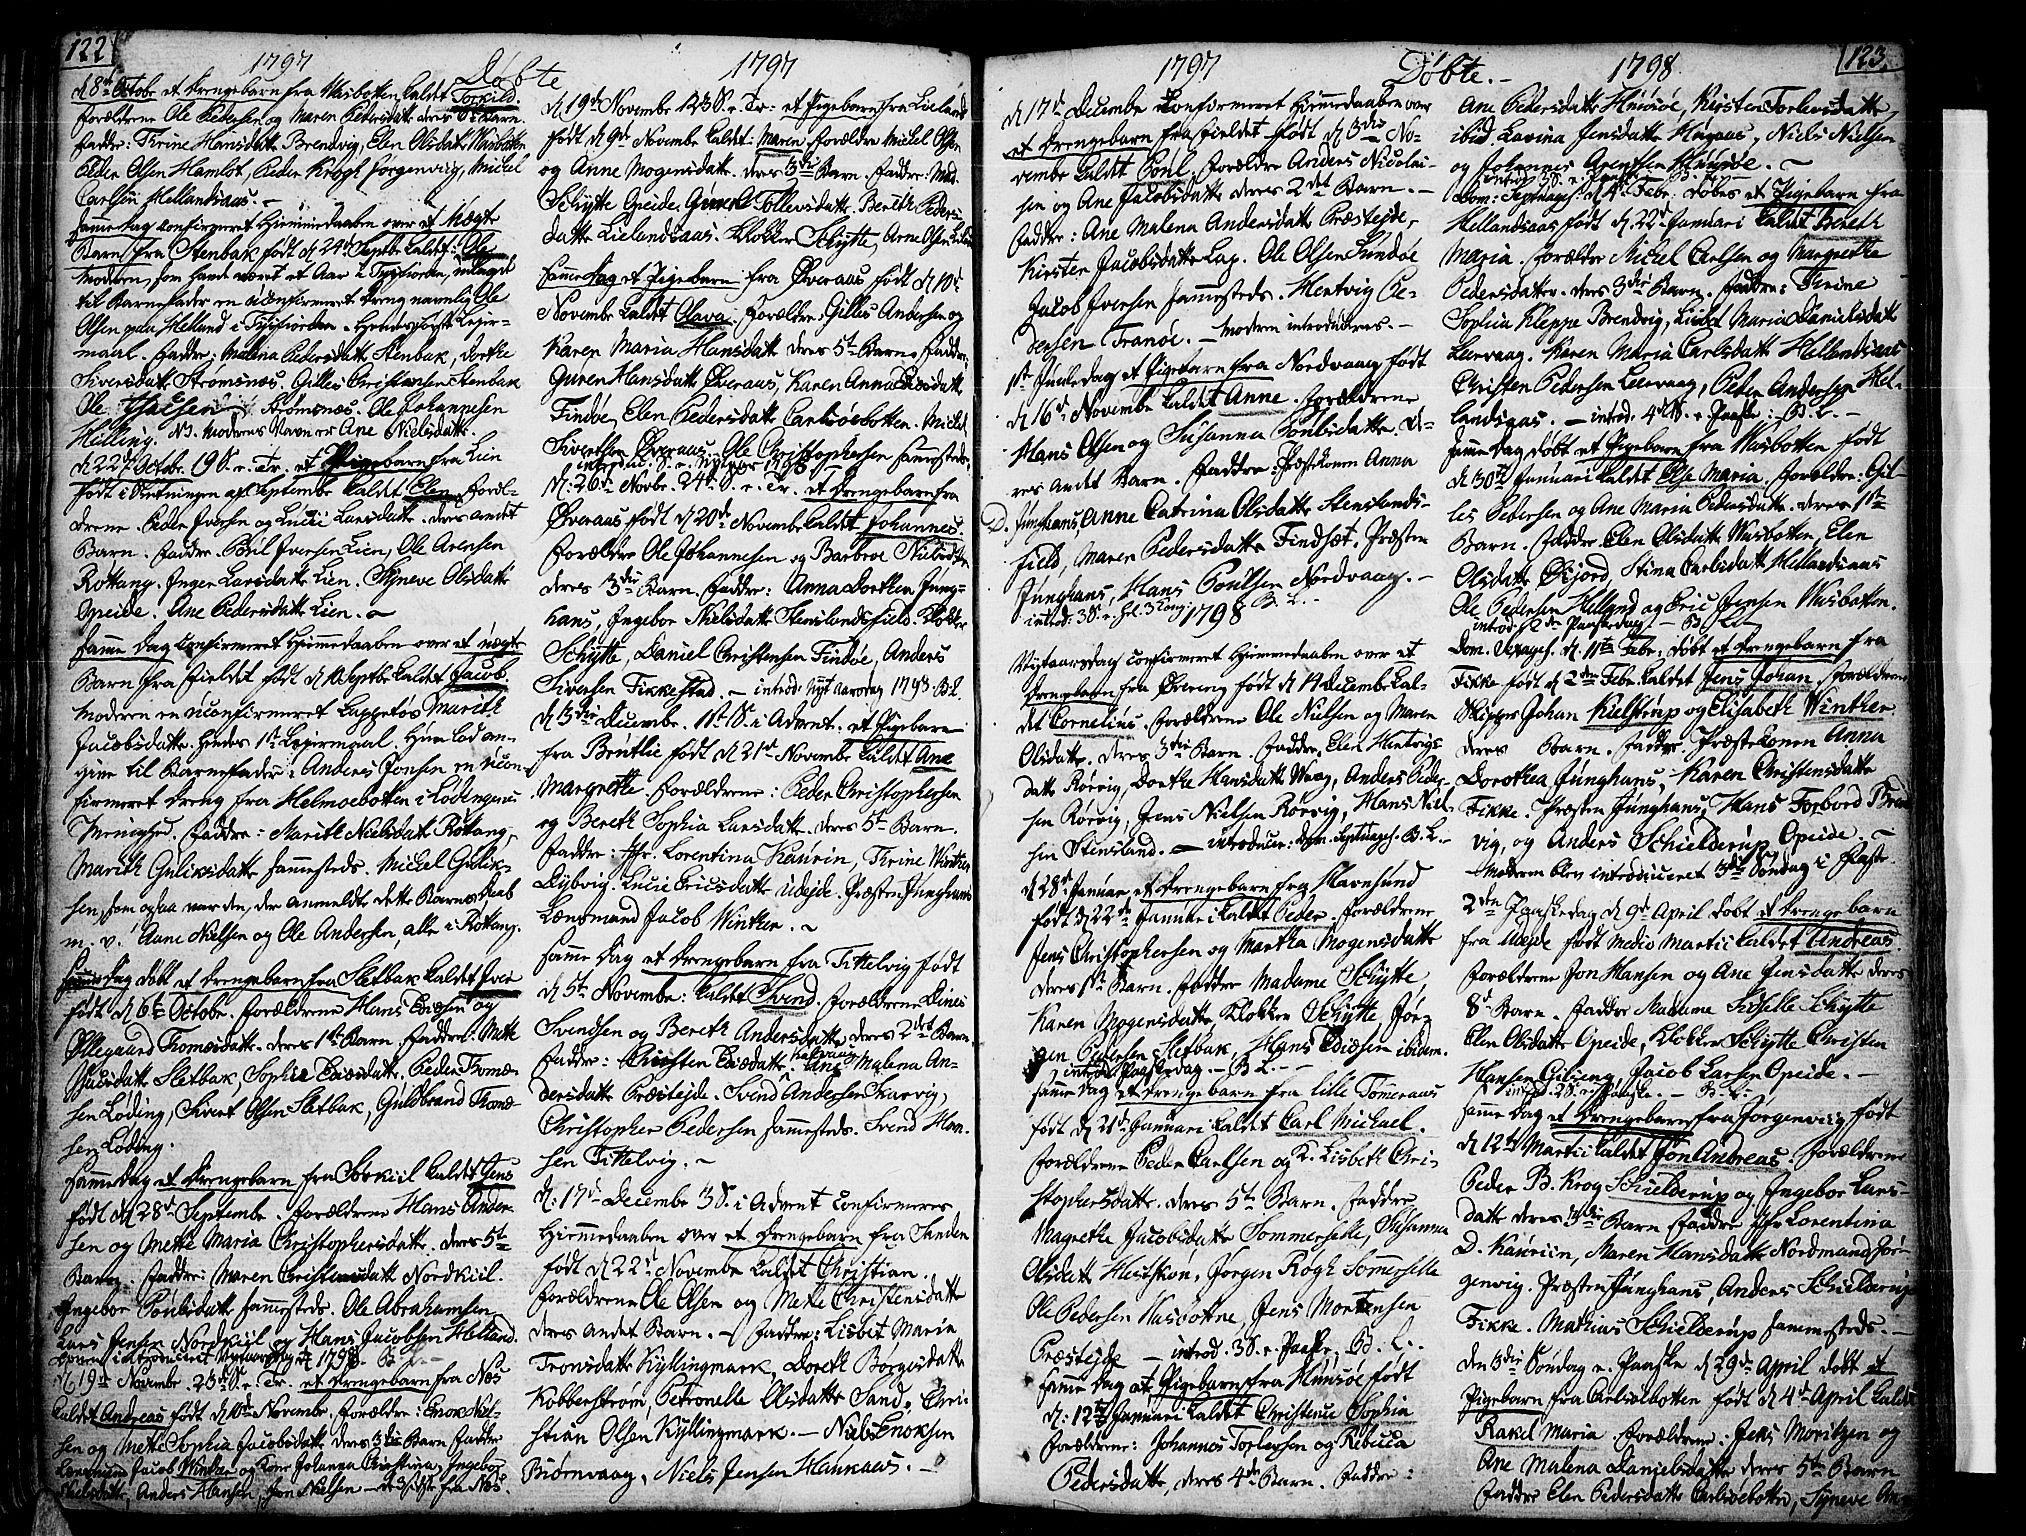 SAT, Ministerialprotokoller, klokkerbøker og fødselsregistre - Nordland, 859/L0841: Parish register (official) no. 859A01, 1766-1821, p. 122-123